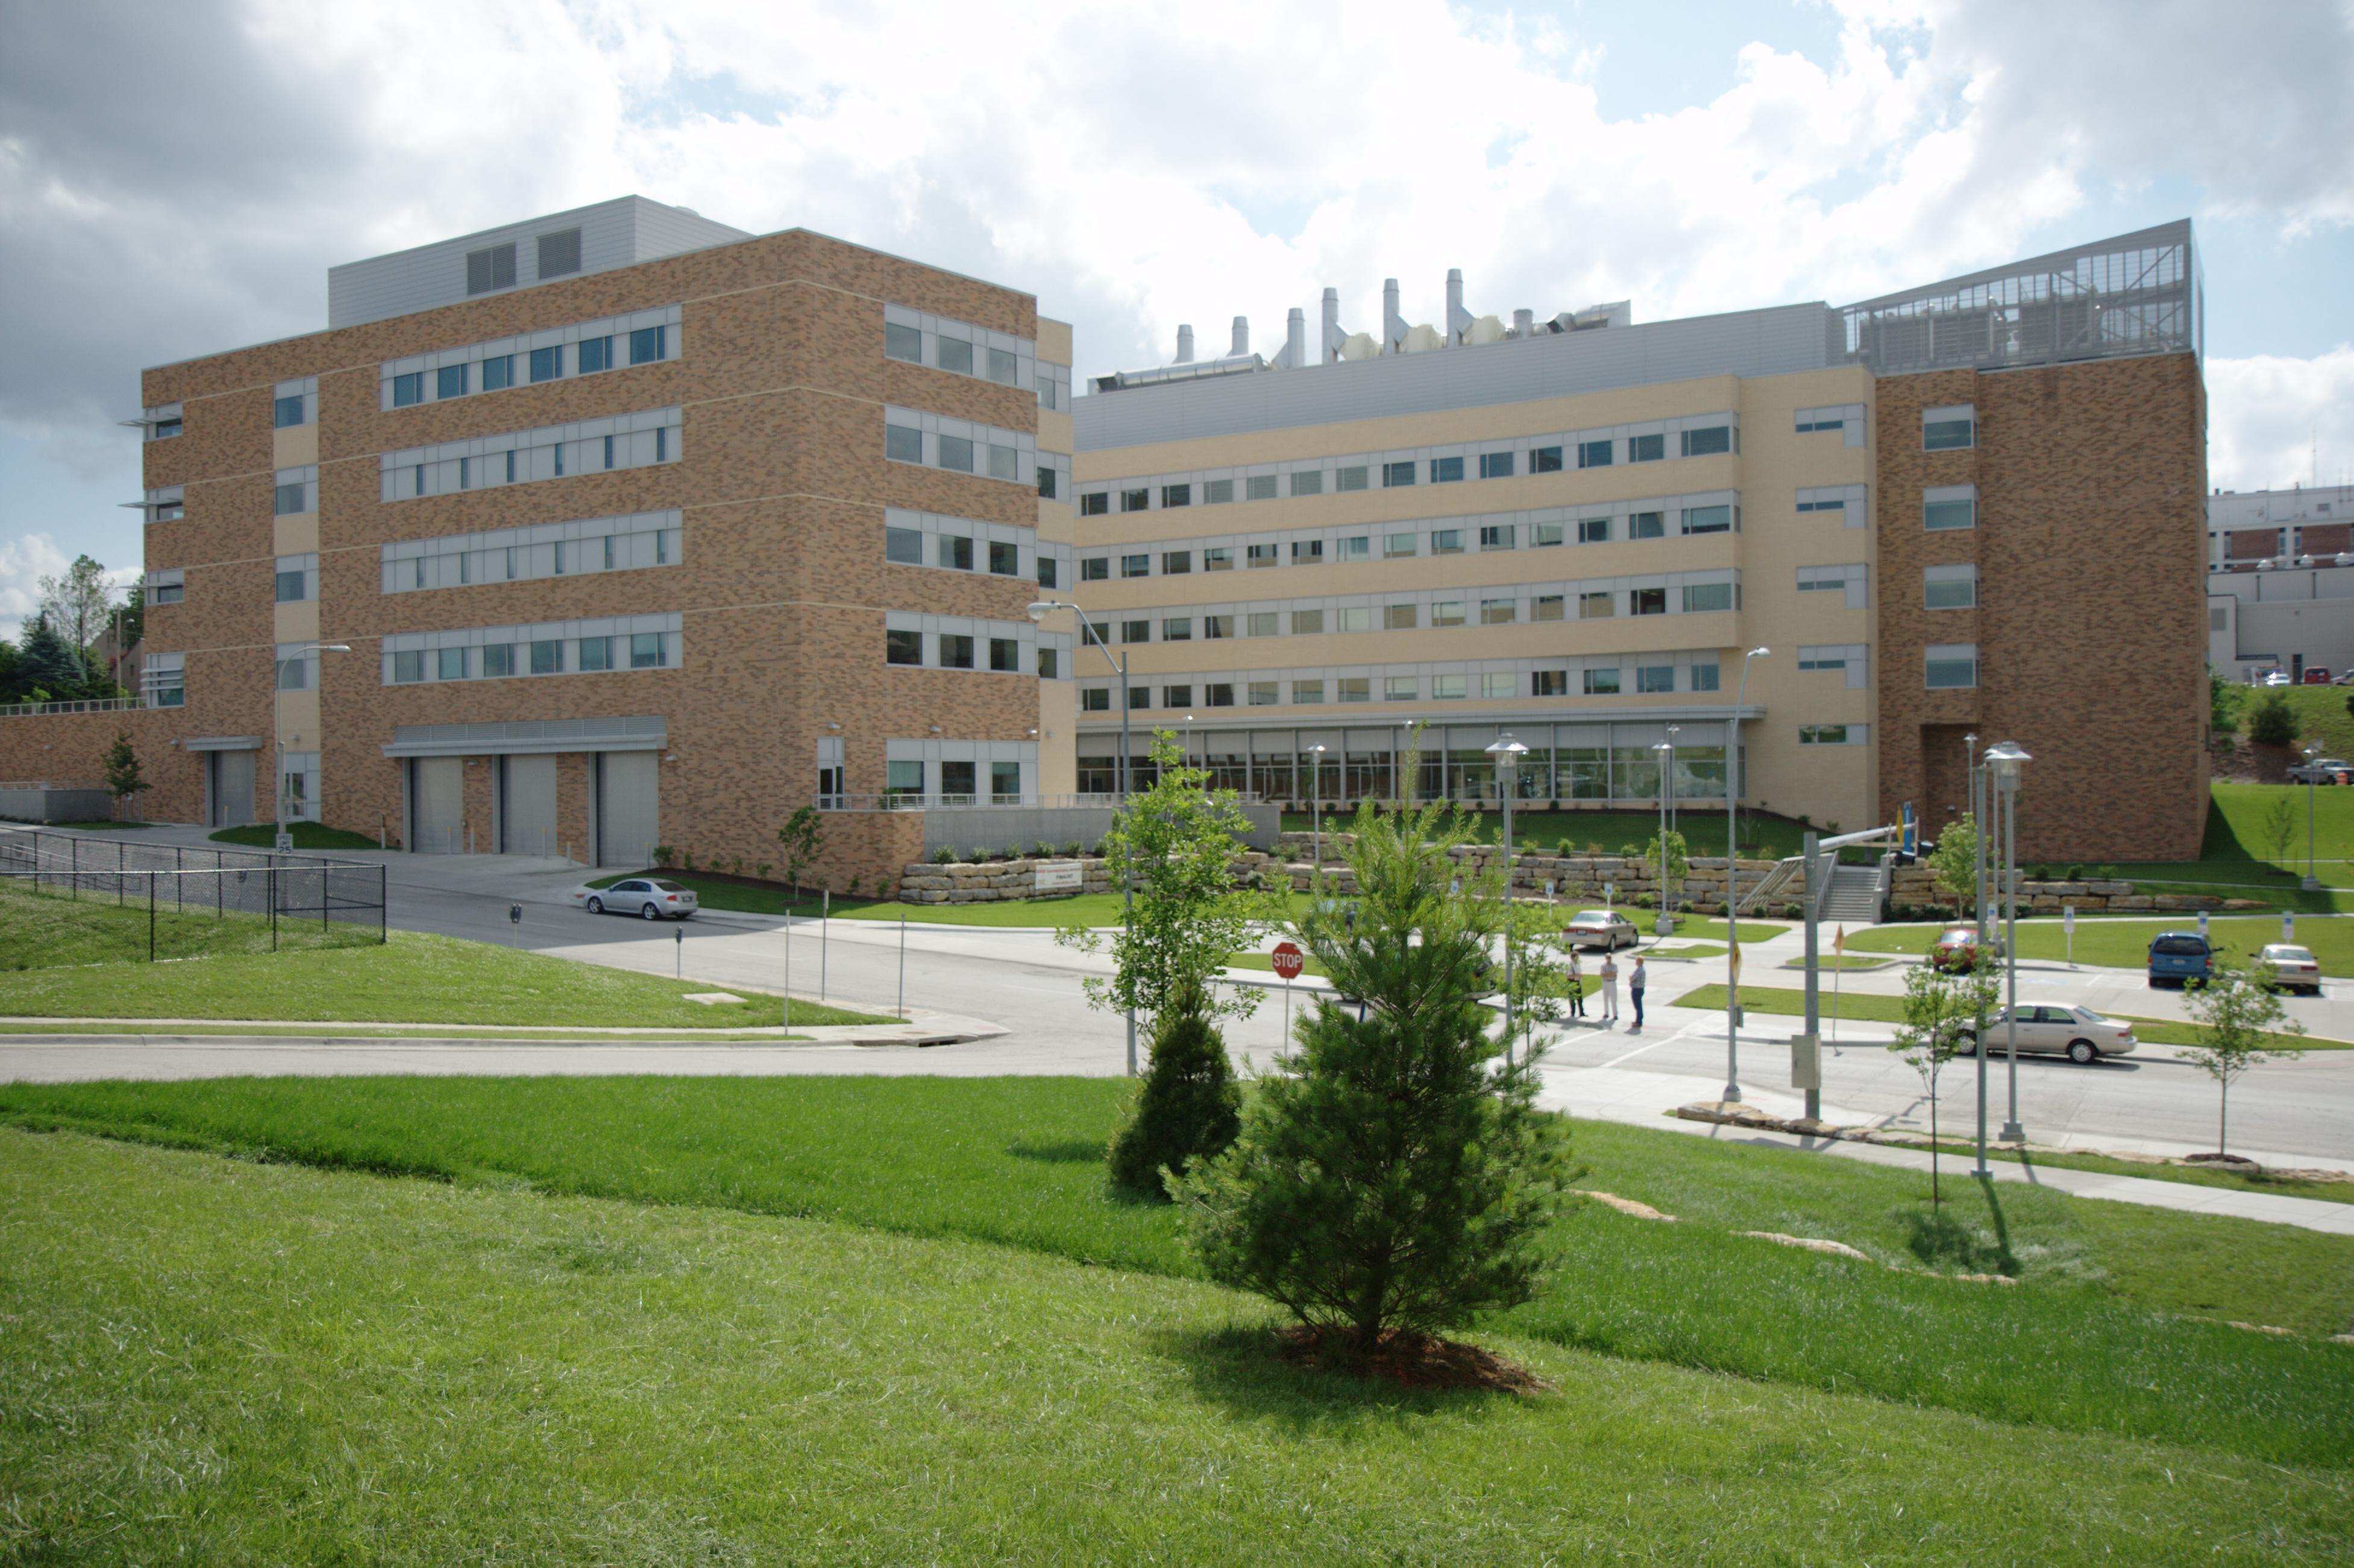 School in Kansas City, Missouri.